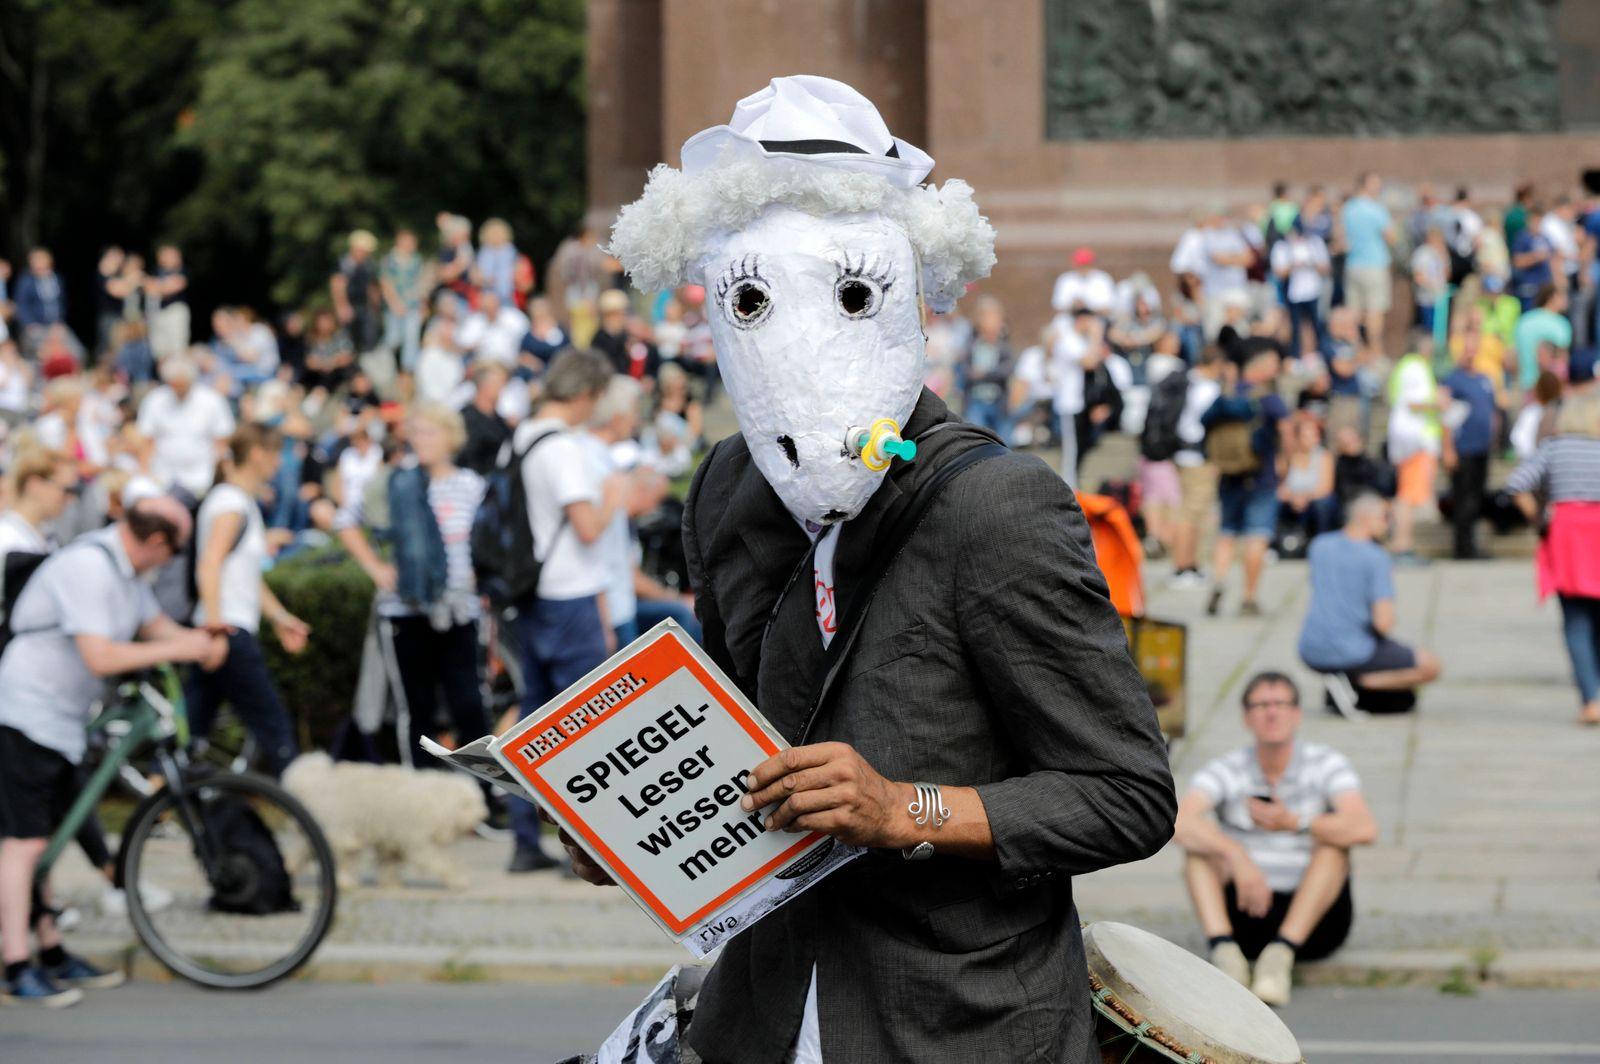 Demonstranten verschiedener Gruppierungen wie etwa der Initiative Querdenken 711 protestierten mit einer Großdemonstrati